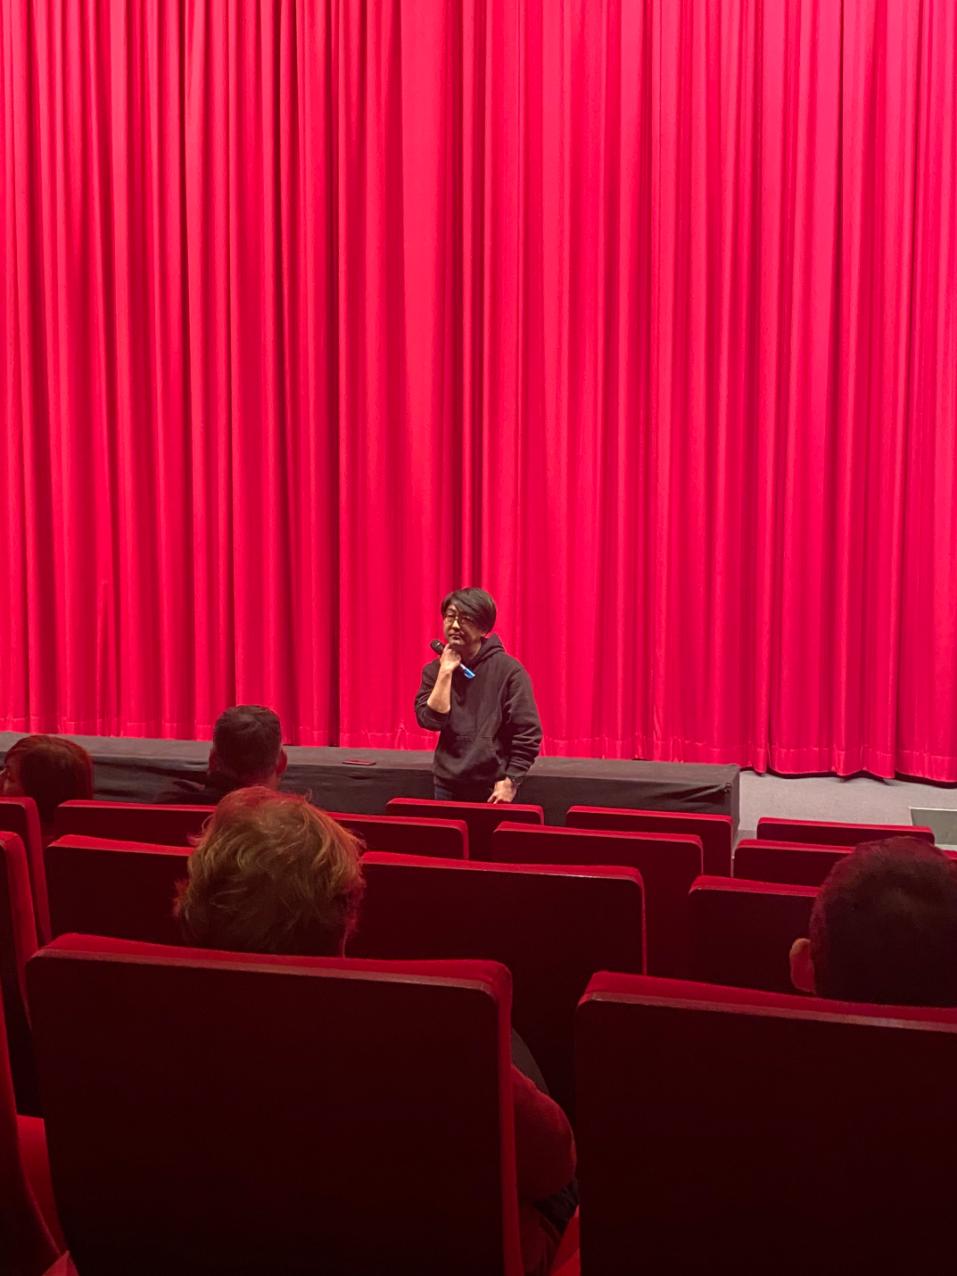 田中功起在柏林电影节现场参与映后问答。照片由作者提供